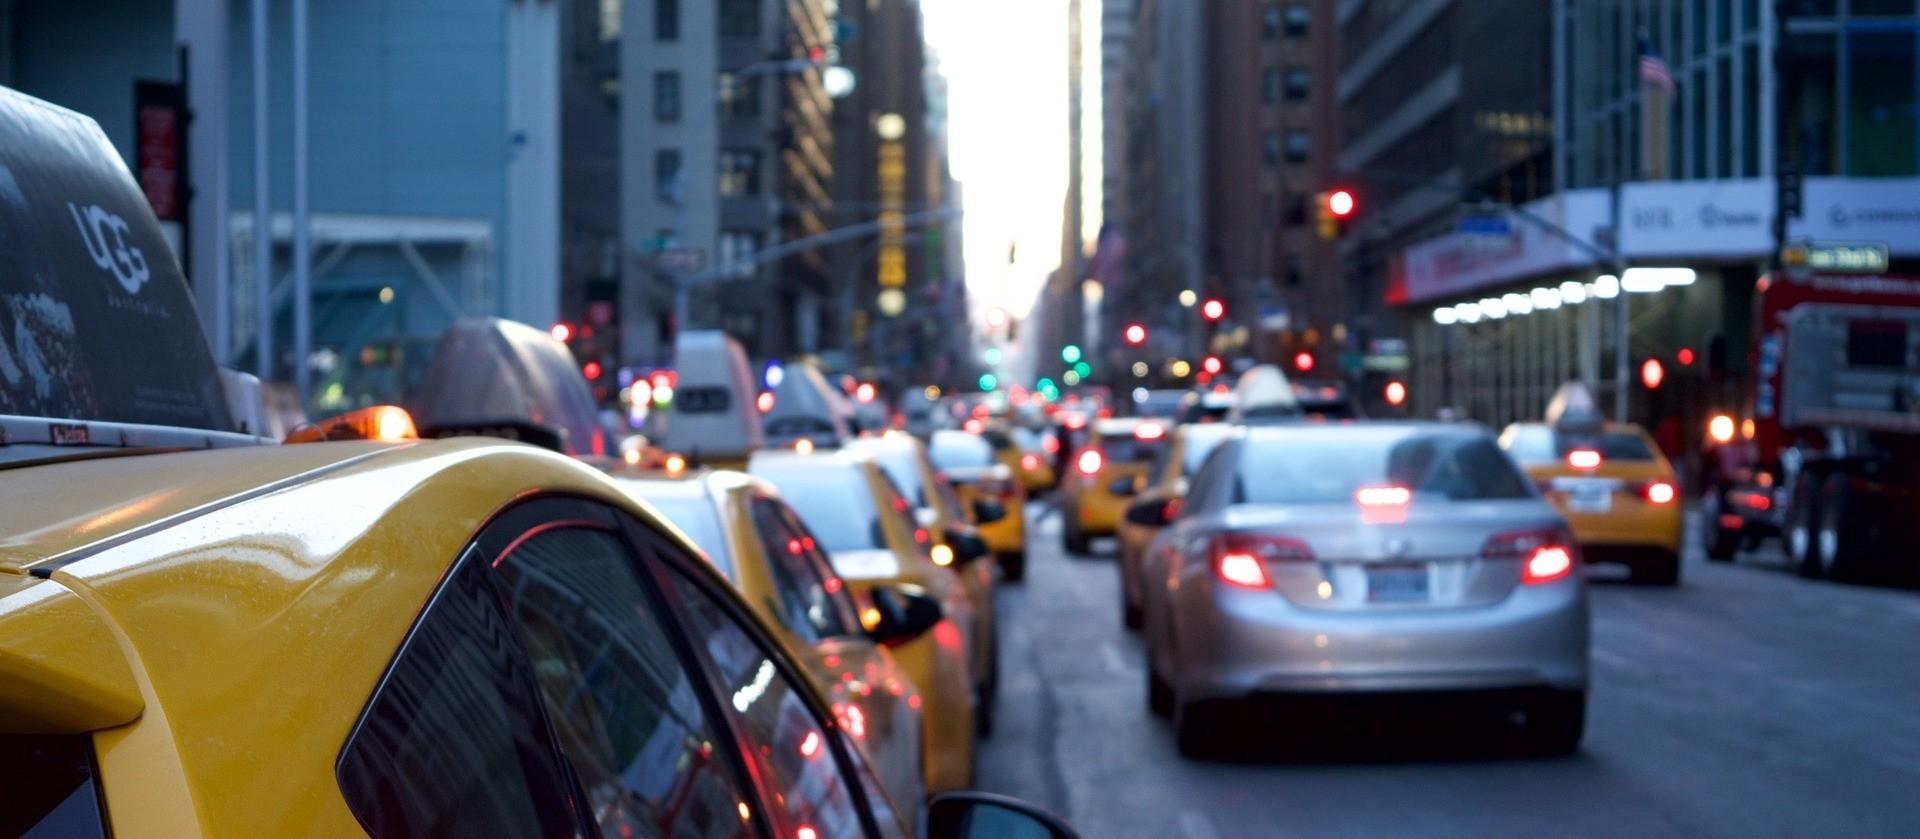 10 princípios de mobilidade compartilhada para cidades humanas e sustentáveis